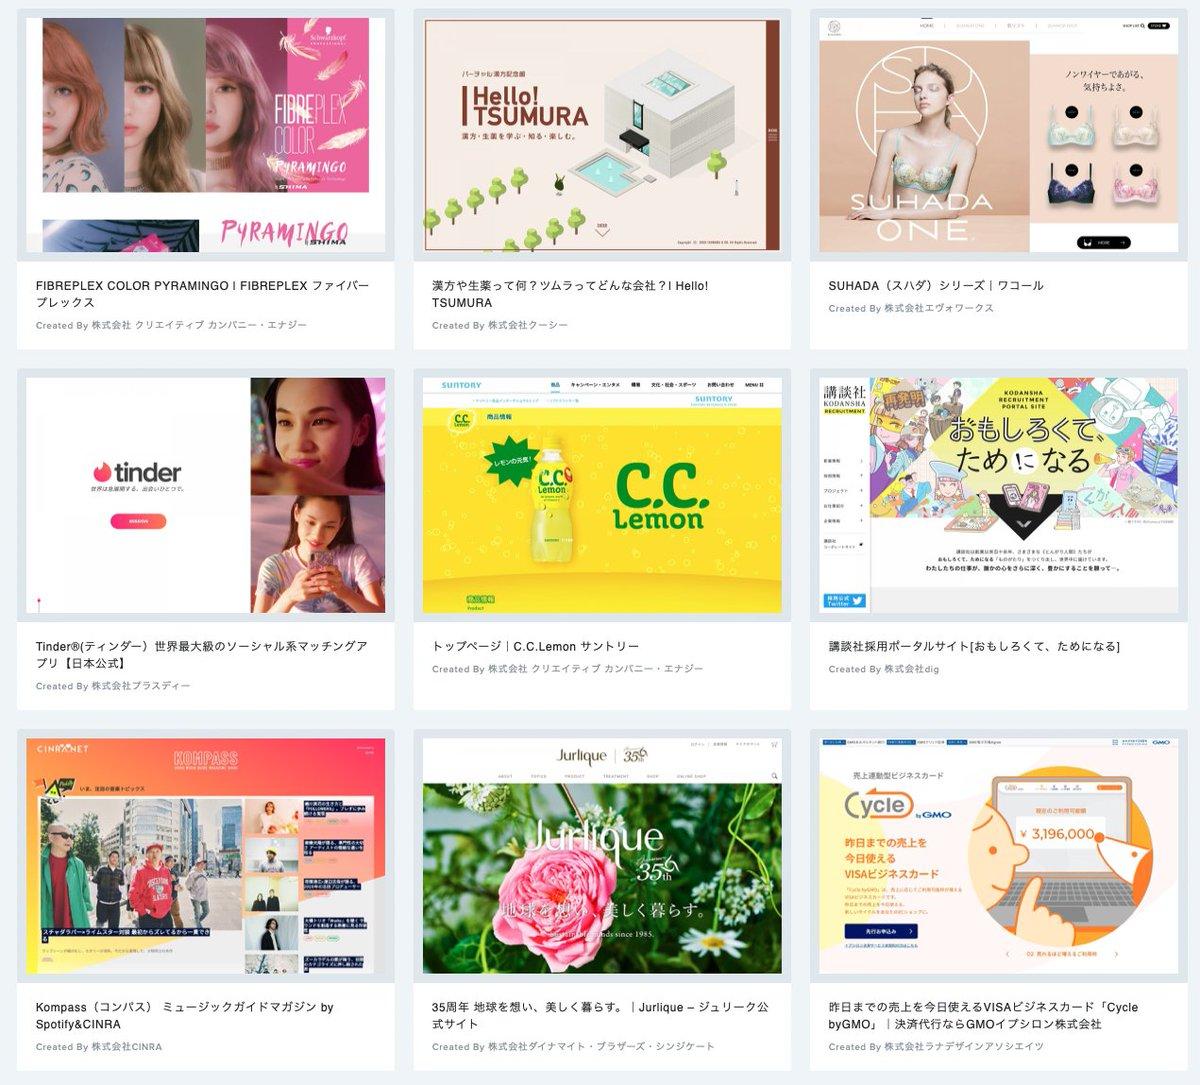 良質なWebサイトがまとめられているサイト【URAGAWA】。このサイトがユニークなのは制作会社が表示されているところ。制作会社ごとに検索することも🙆♀️似たサービスでとかもあるけど、こんな風に制作会社が前面に表示されているのは珍しい気がする。